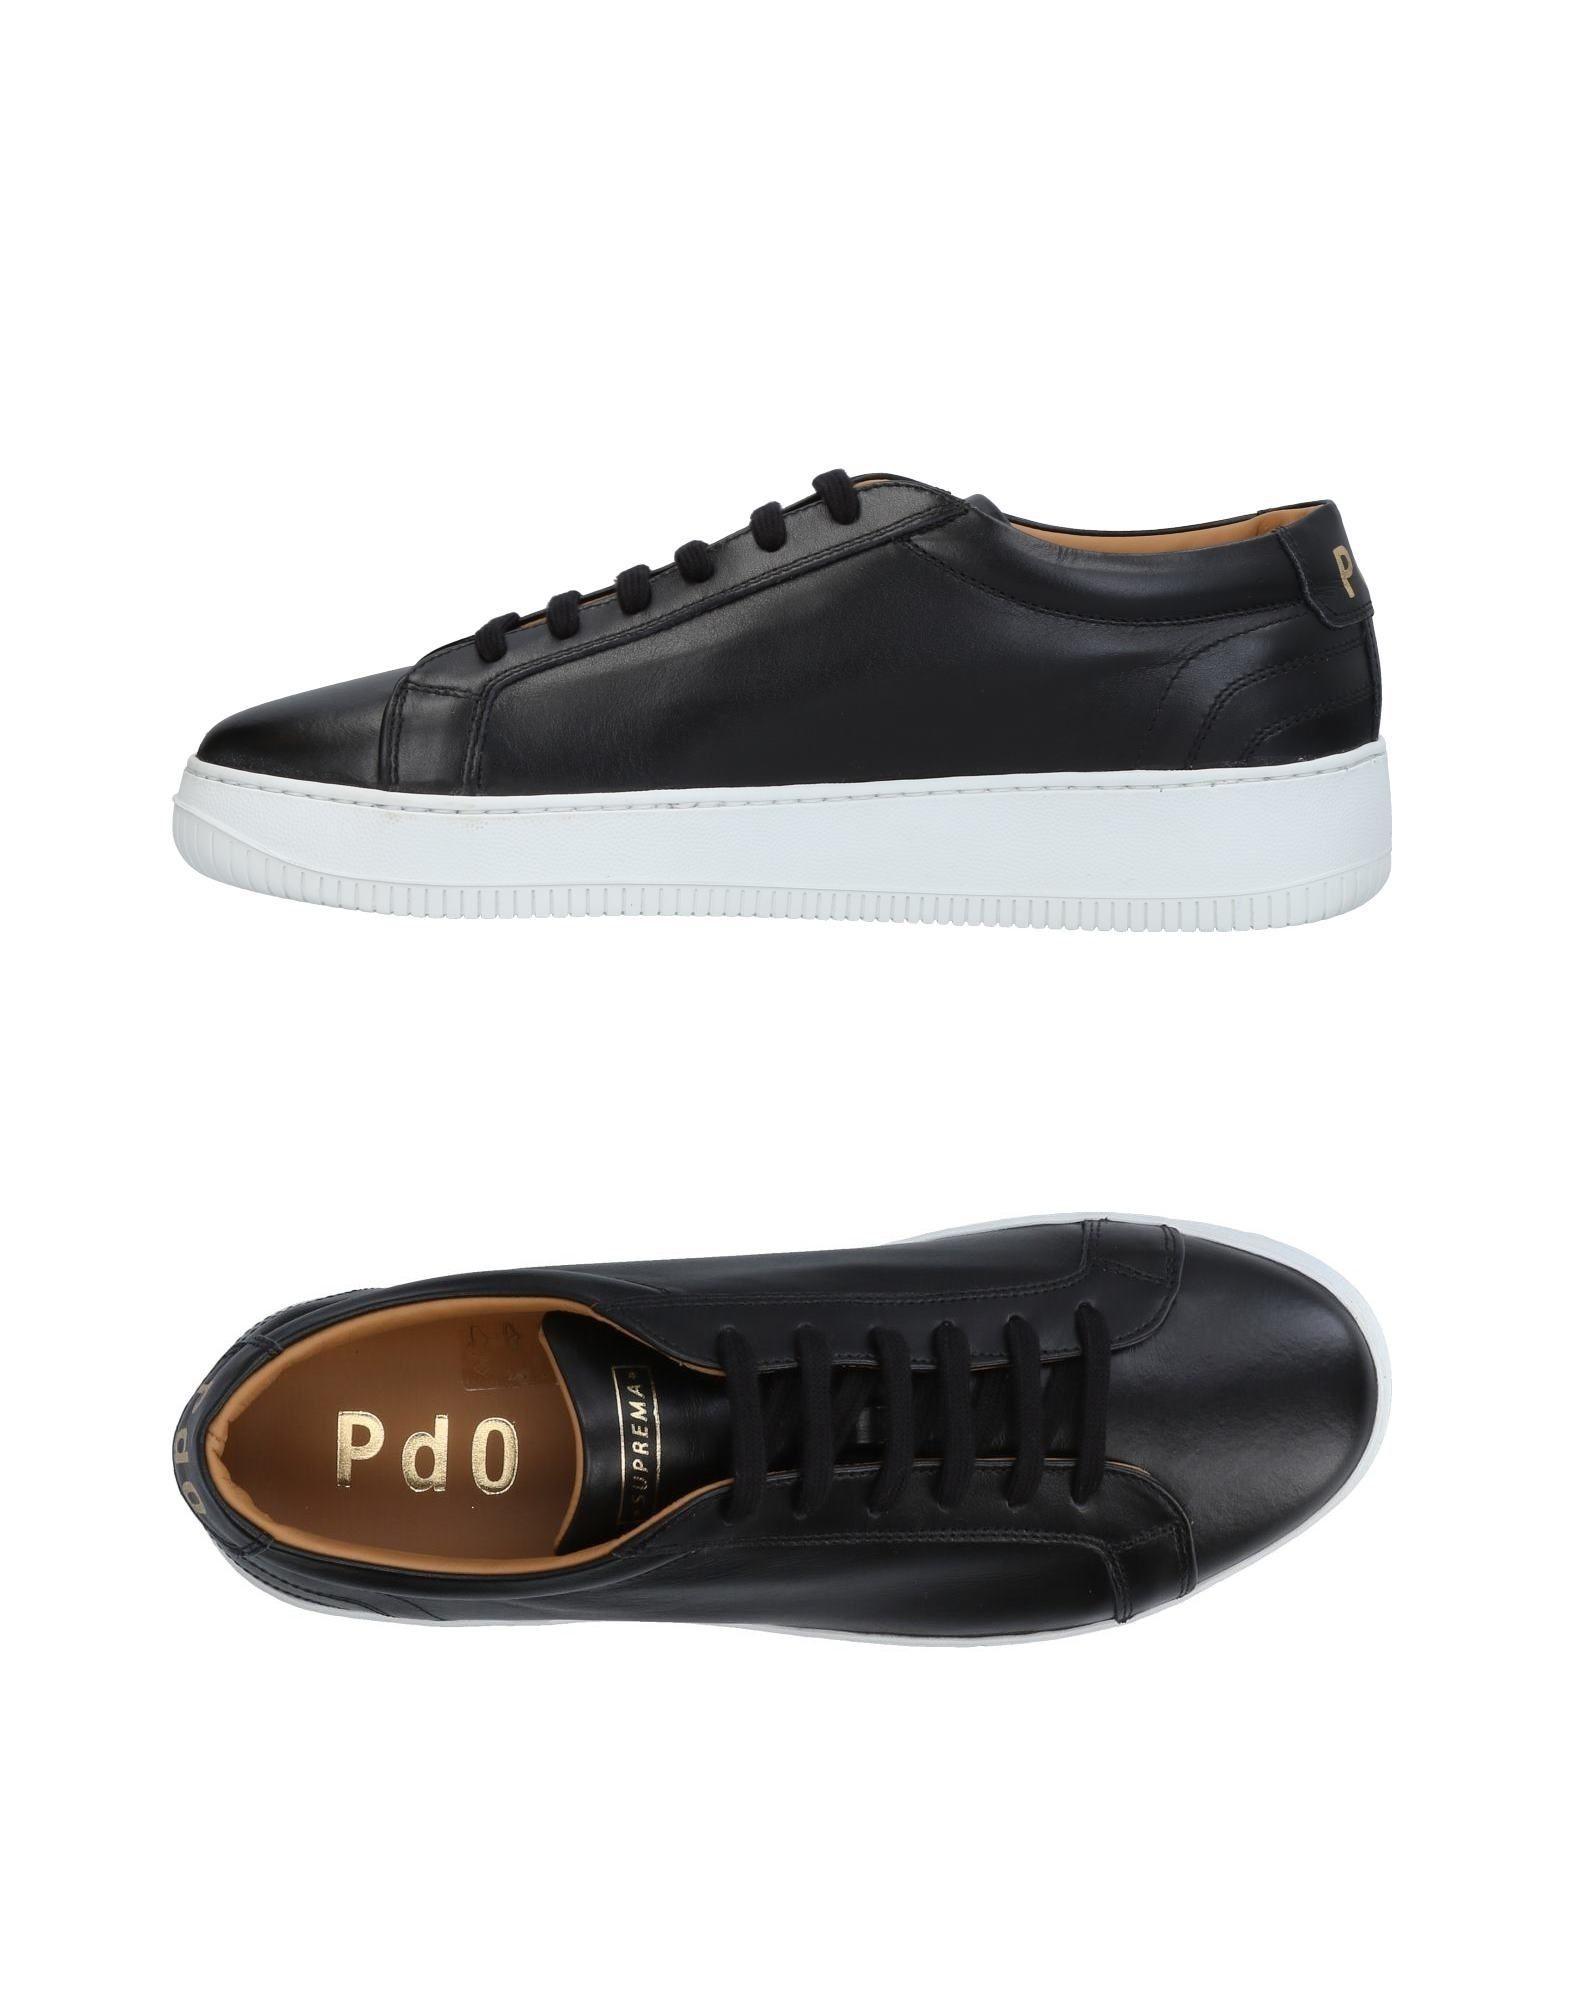 Pantofola D'oro Sneakers Herren  11456573JX